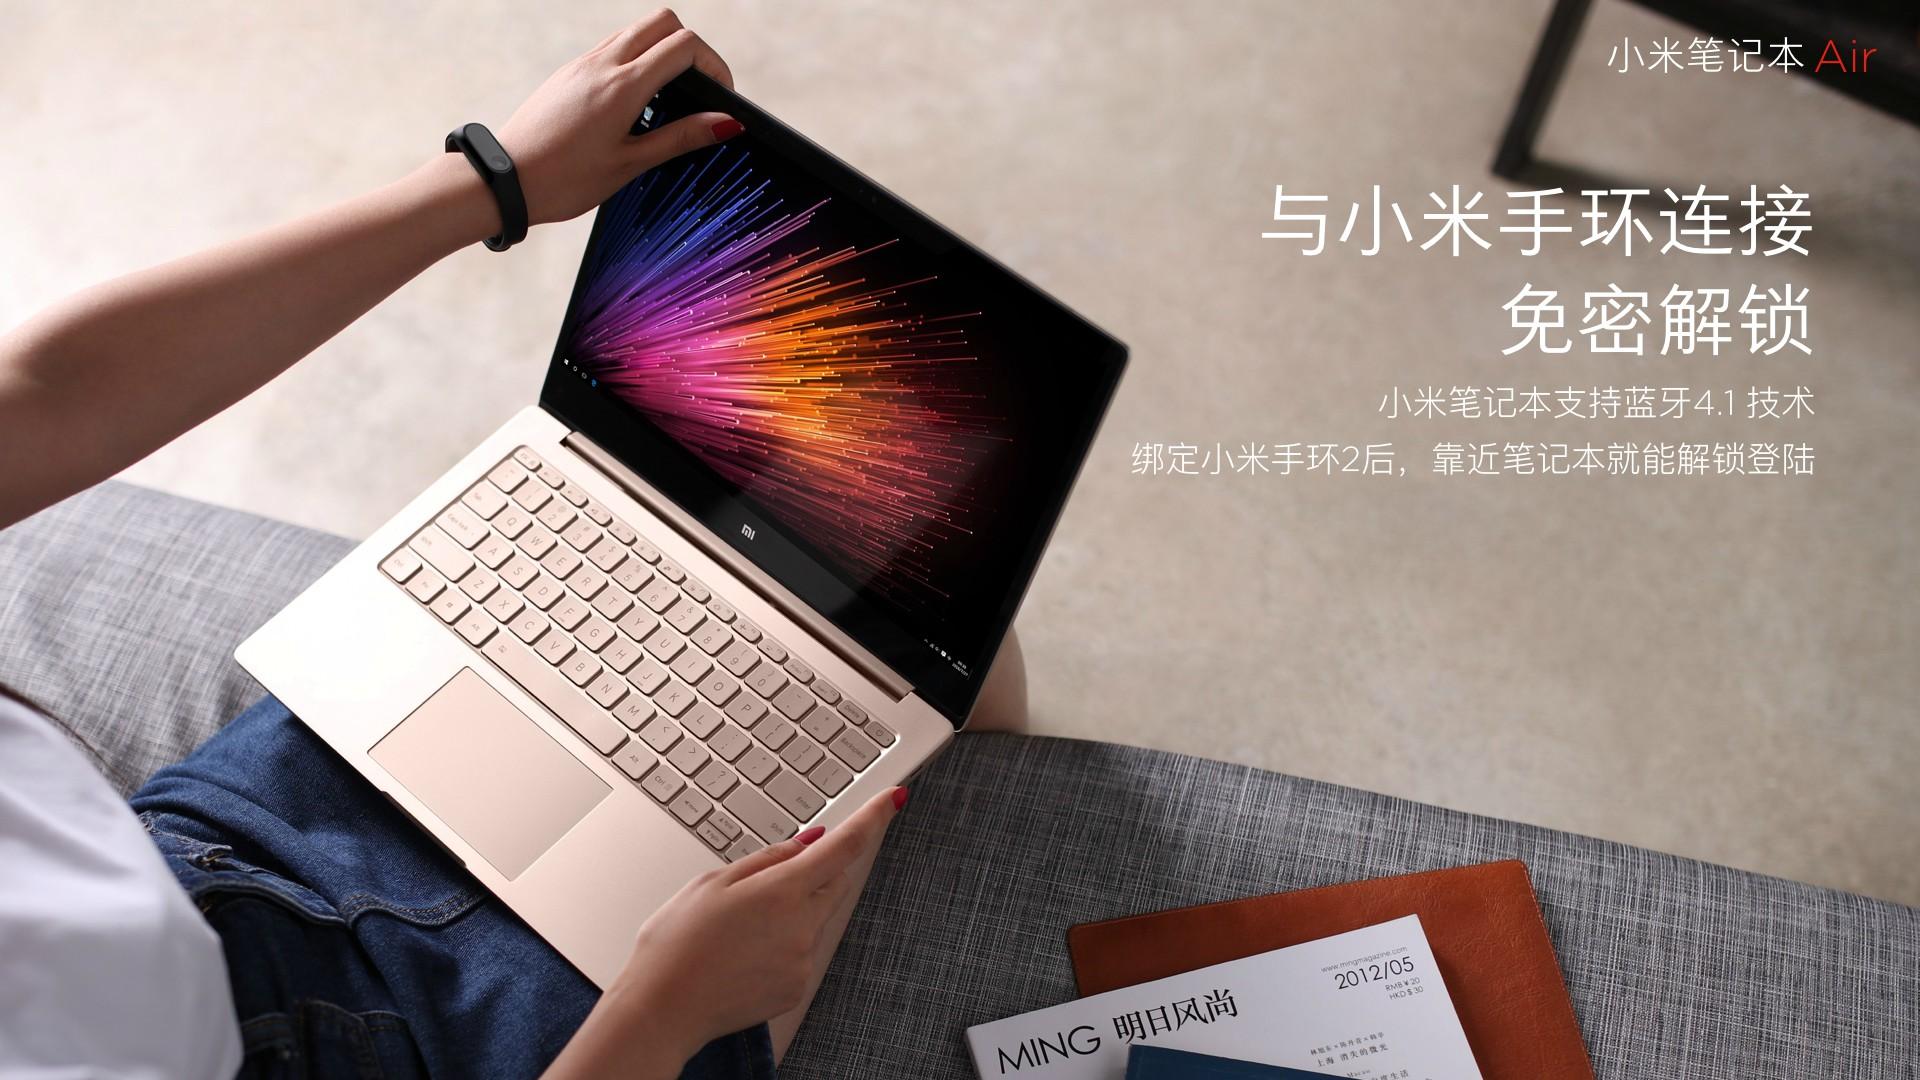 xiaomi mi notebook air-6